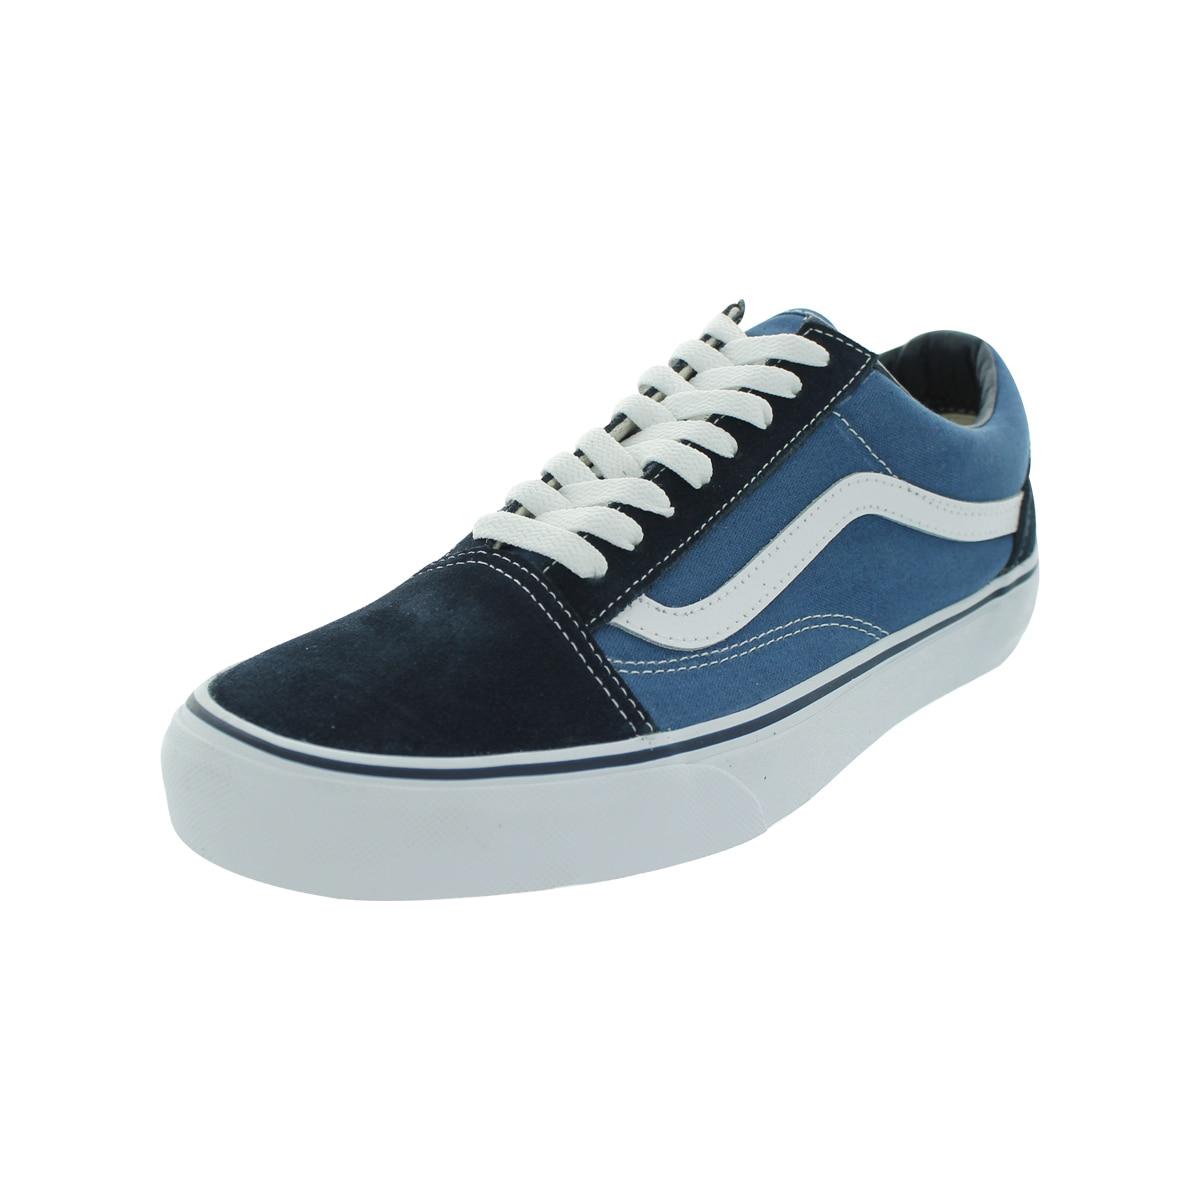 Vans Old Skool Skate Shoes (Navy) (9.5/8), Men's, Blue (c...